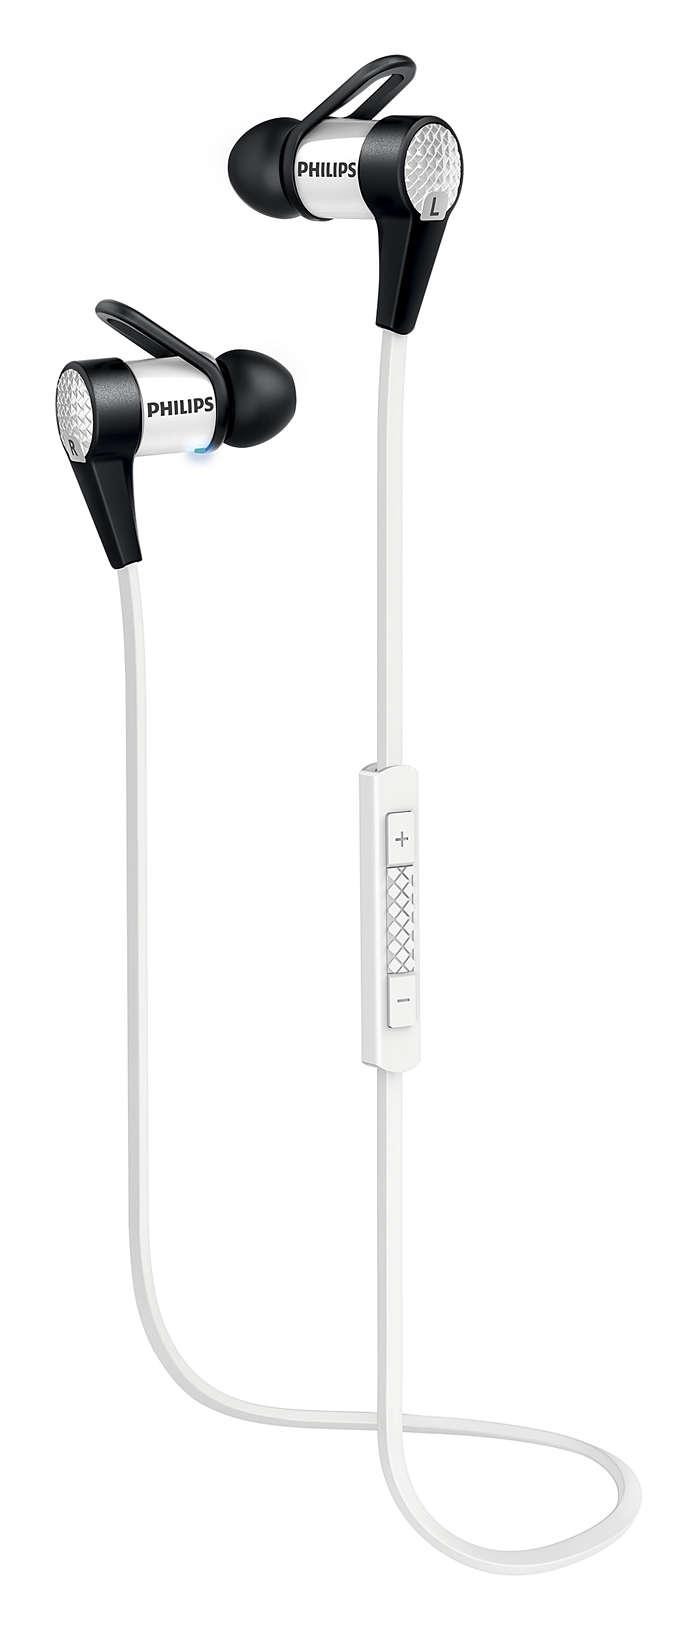 WIRELESS in-ear, NFC easy pairing